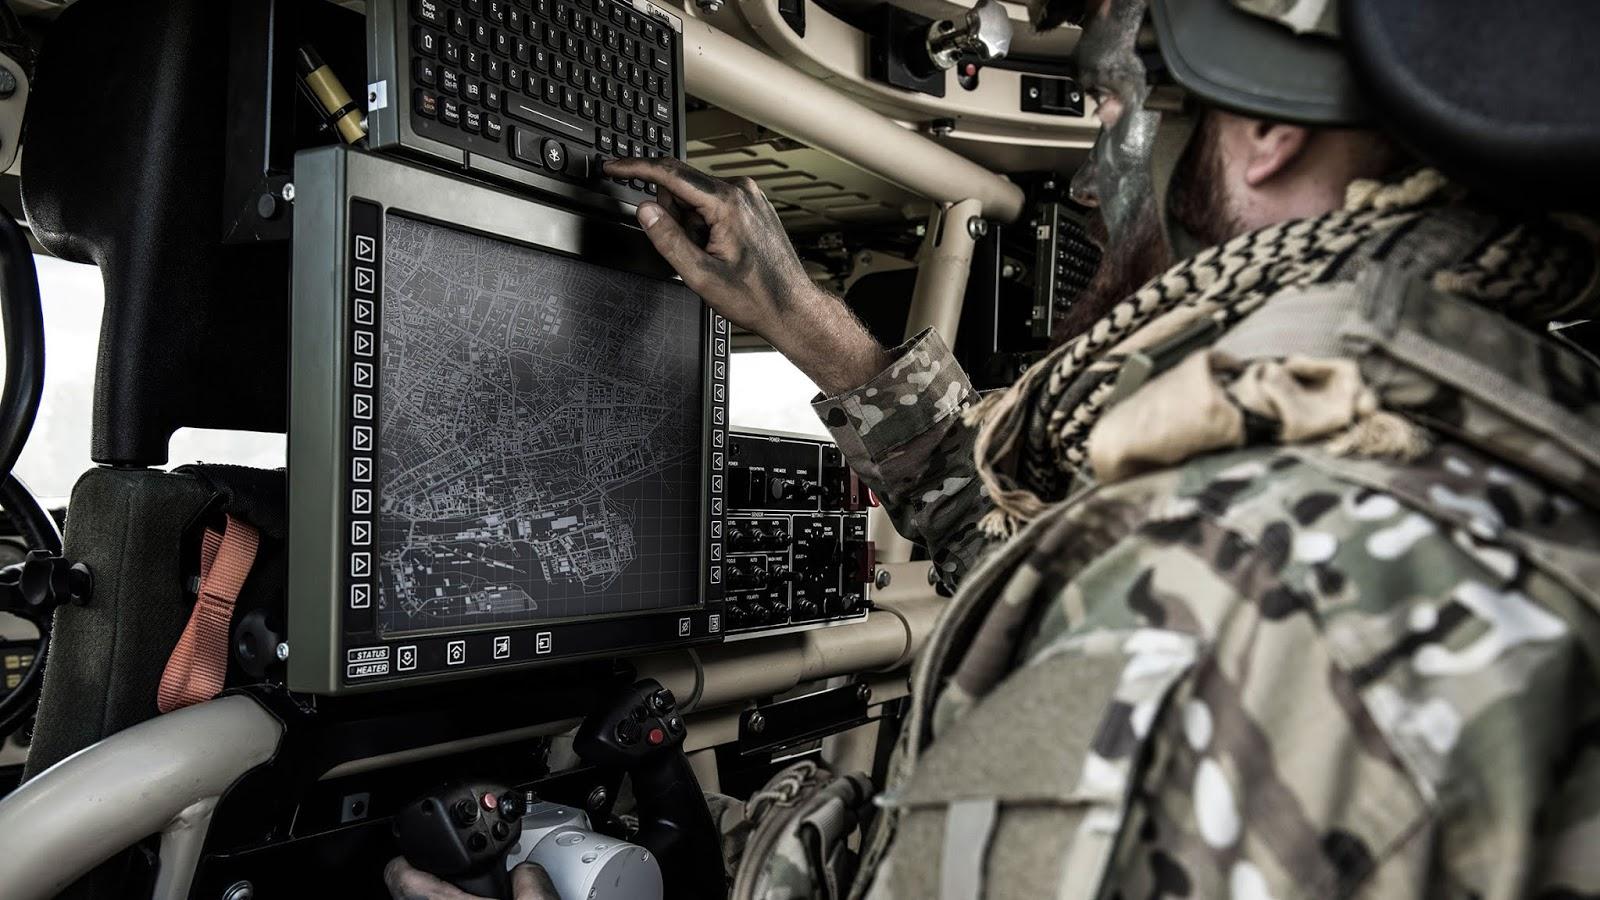 desarrollo defensa y tecnologia belica: Mshorad \